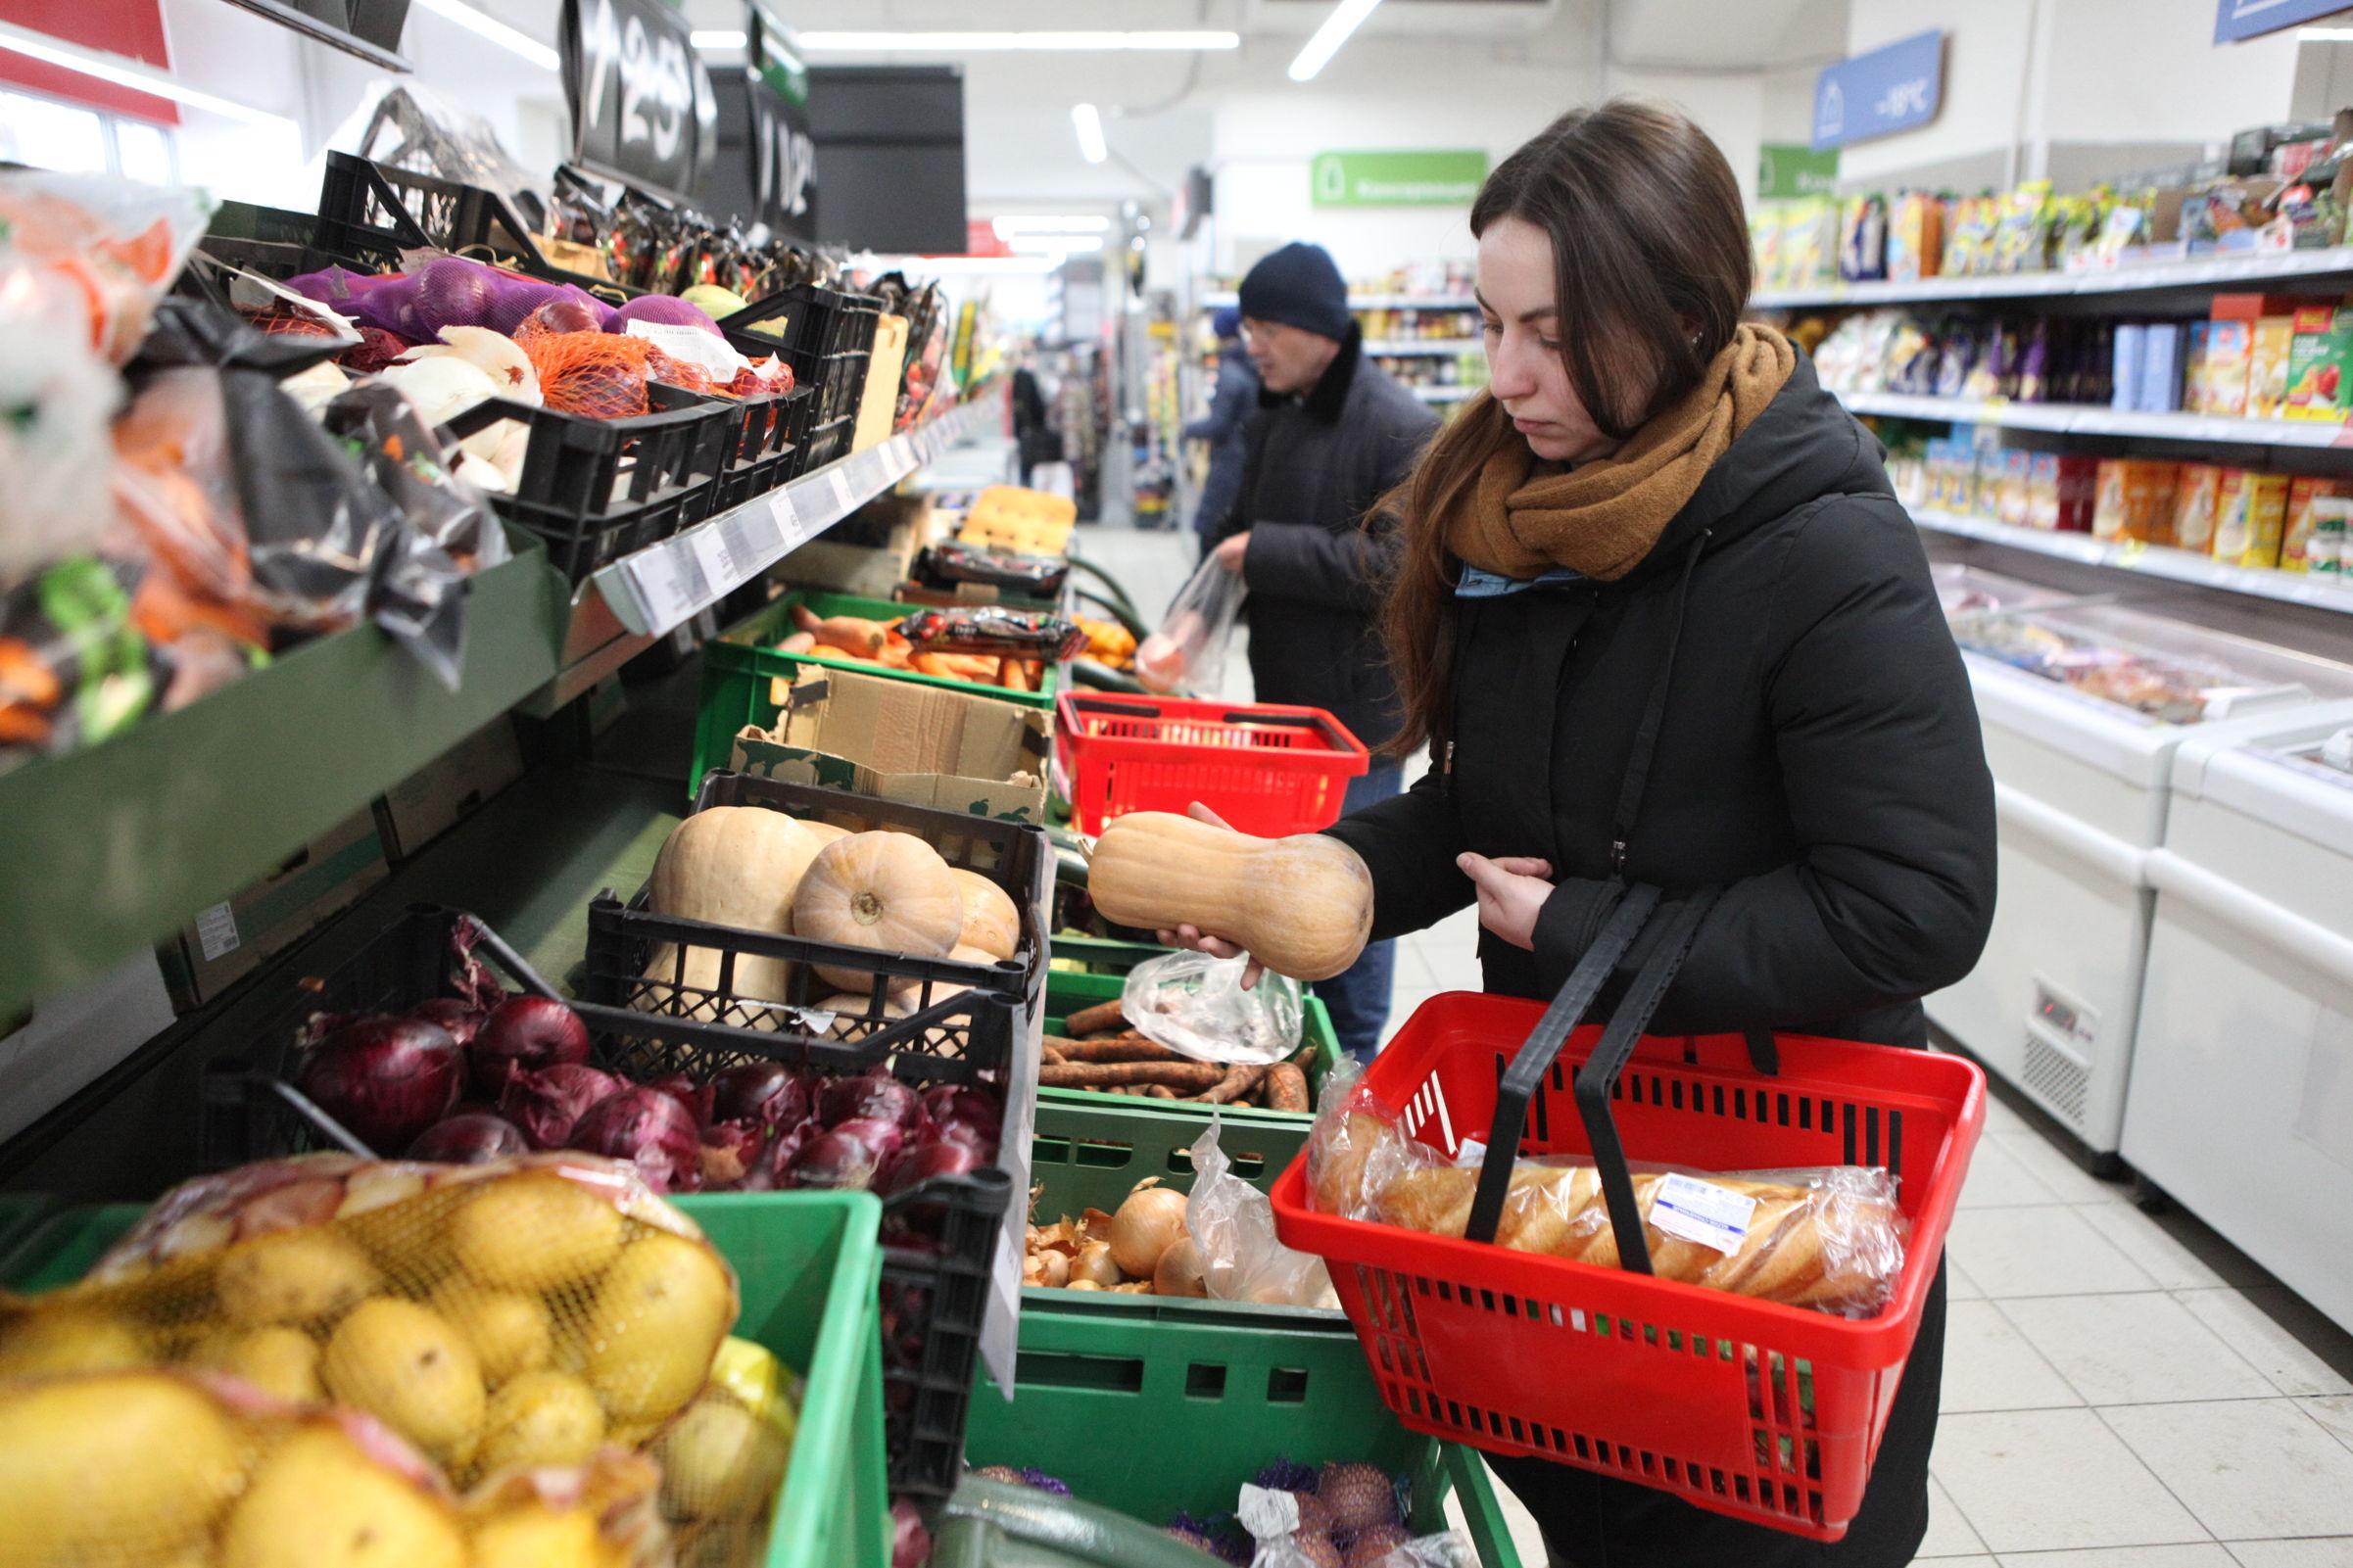 Цены: принцип домино. Какие продукты подорожали, а какие подешевели в Ярославской области